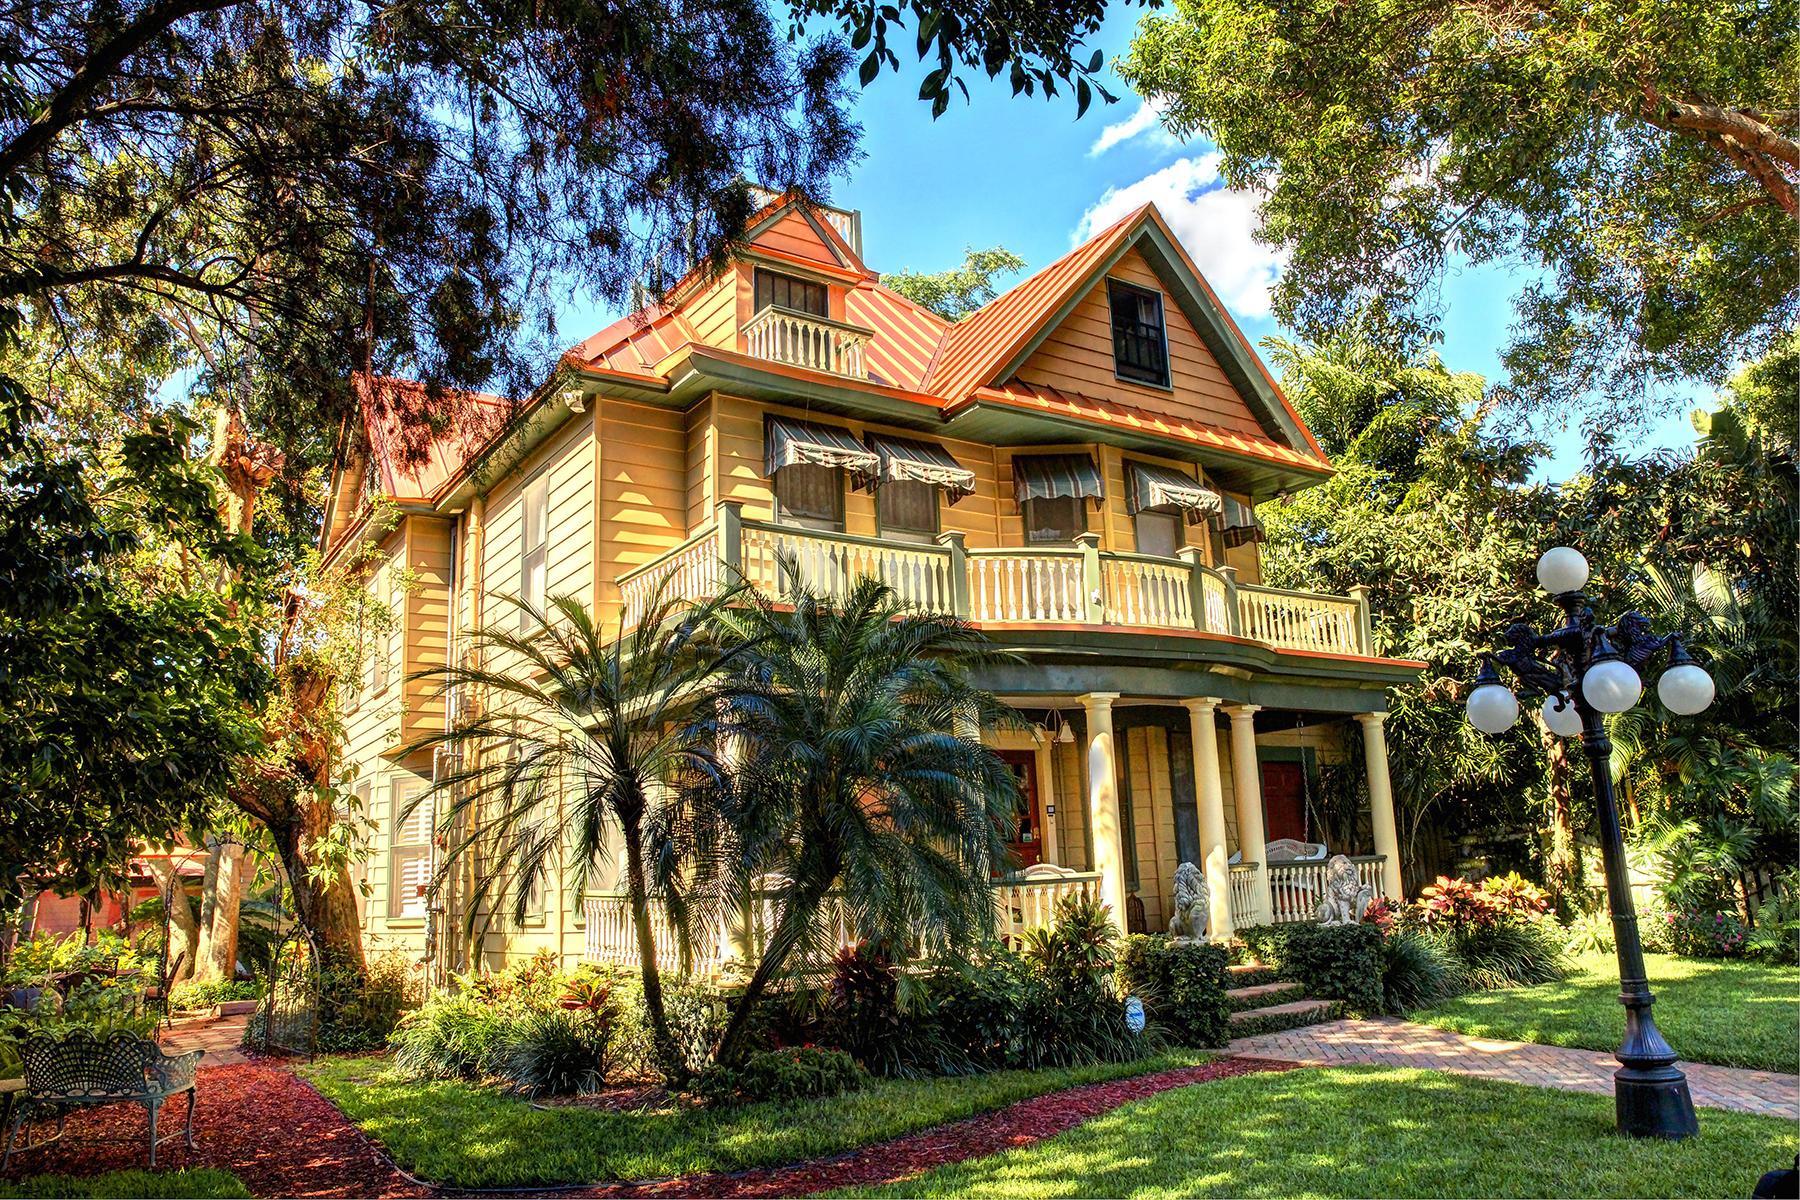 Tek Ailelik Ev için Satış at OLD NORTHEAST 237 6th Ave NE St. Petersburg, Florida, 33701 Amerika Birleşik Devletleri